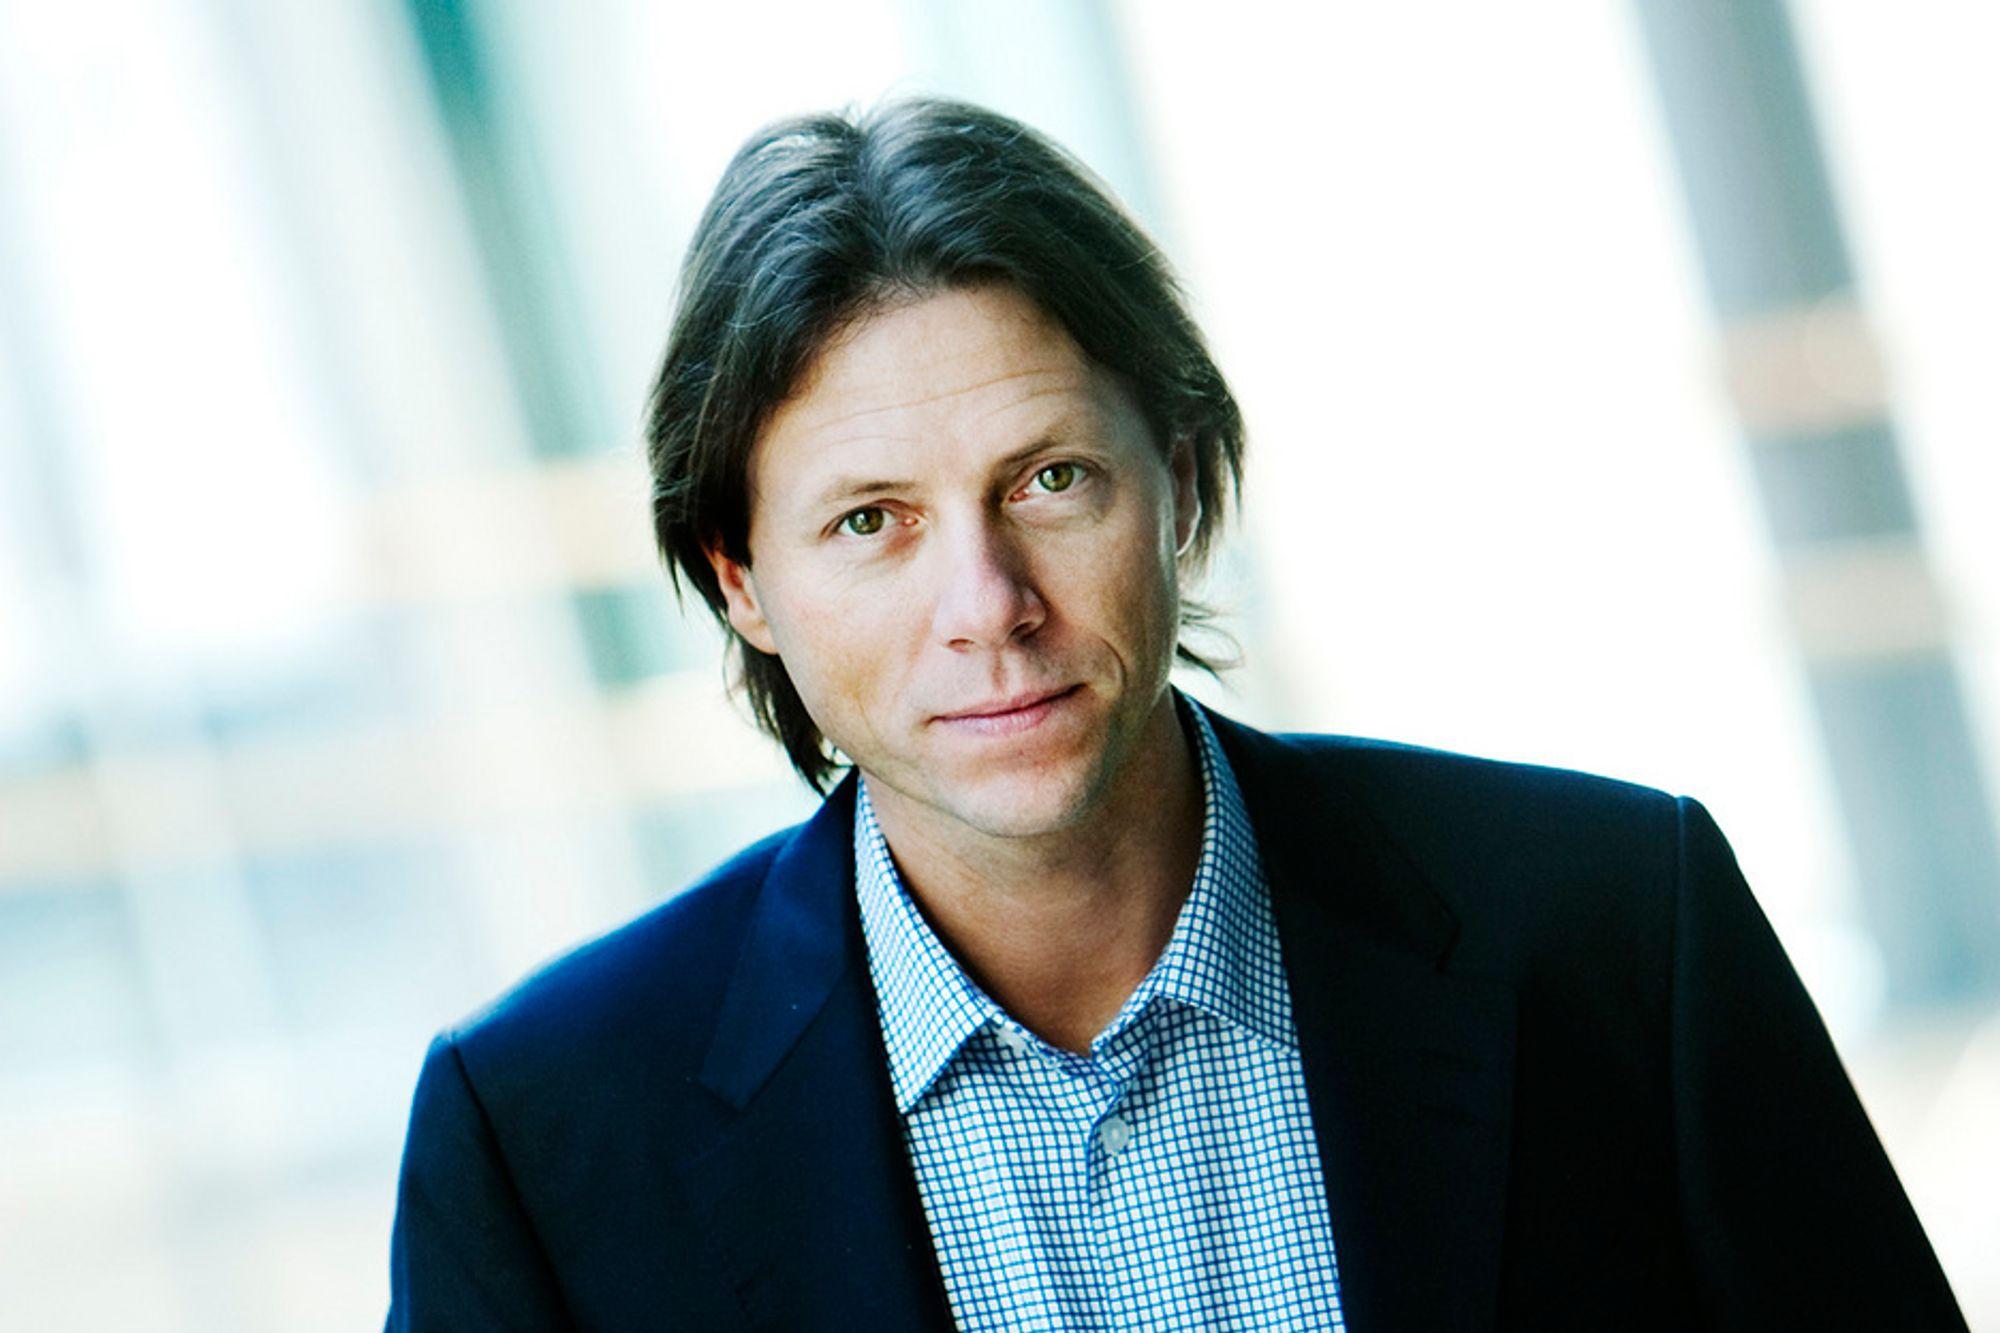 Administrerende direktør i Canal Digital, Svein Erik Davidsen, har lansert TV-tilbud til hyttefolket.